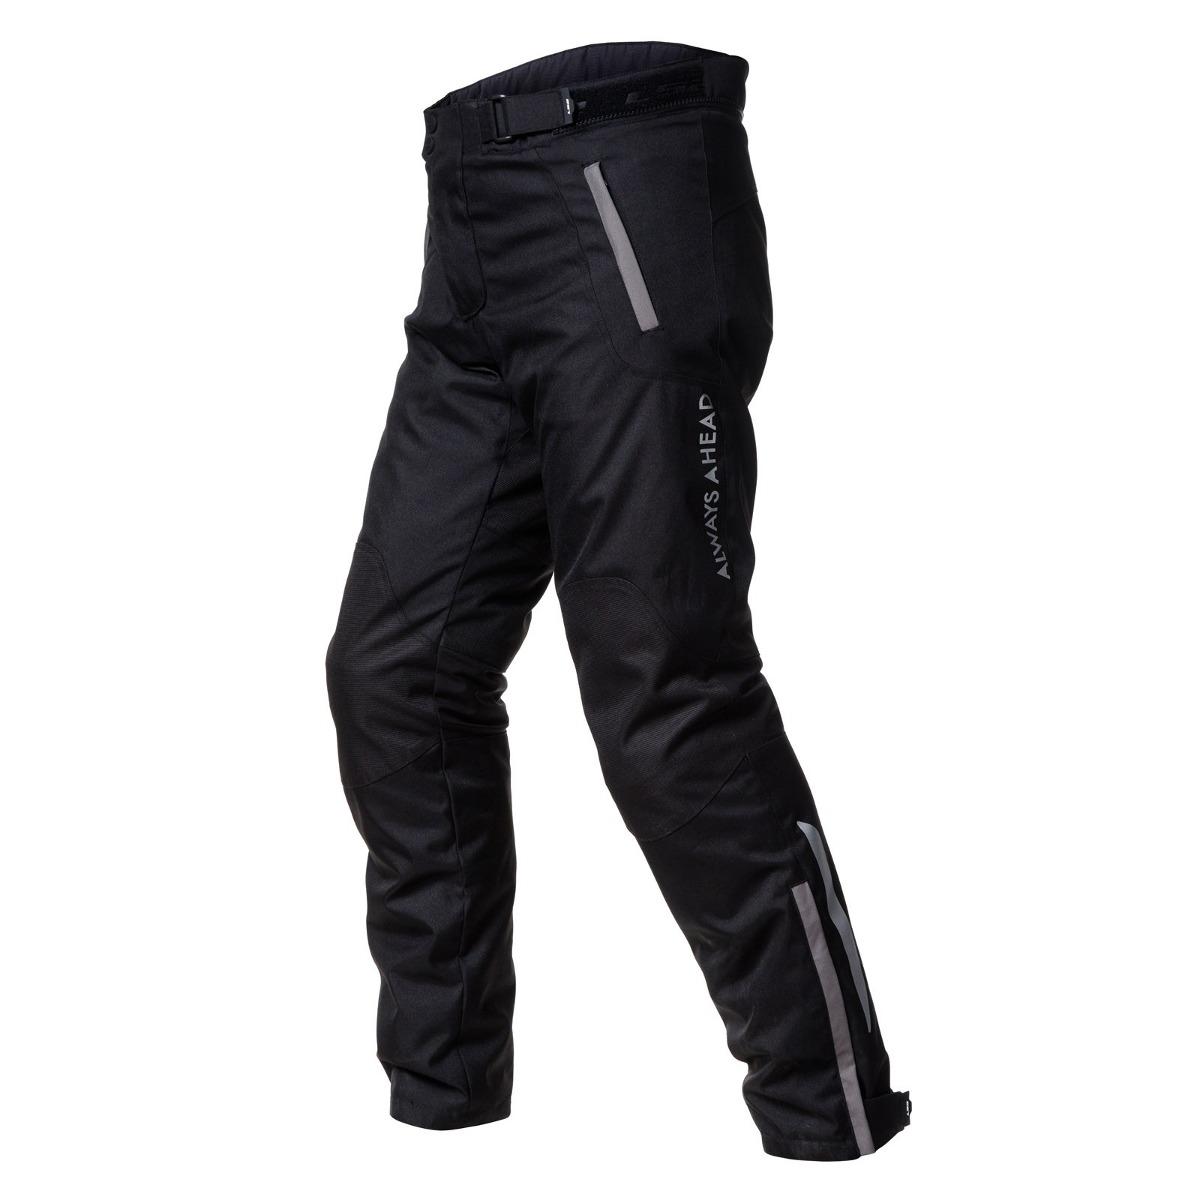 pantalon ls2 chart negro hombre talle xl